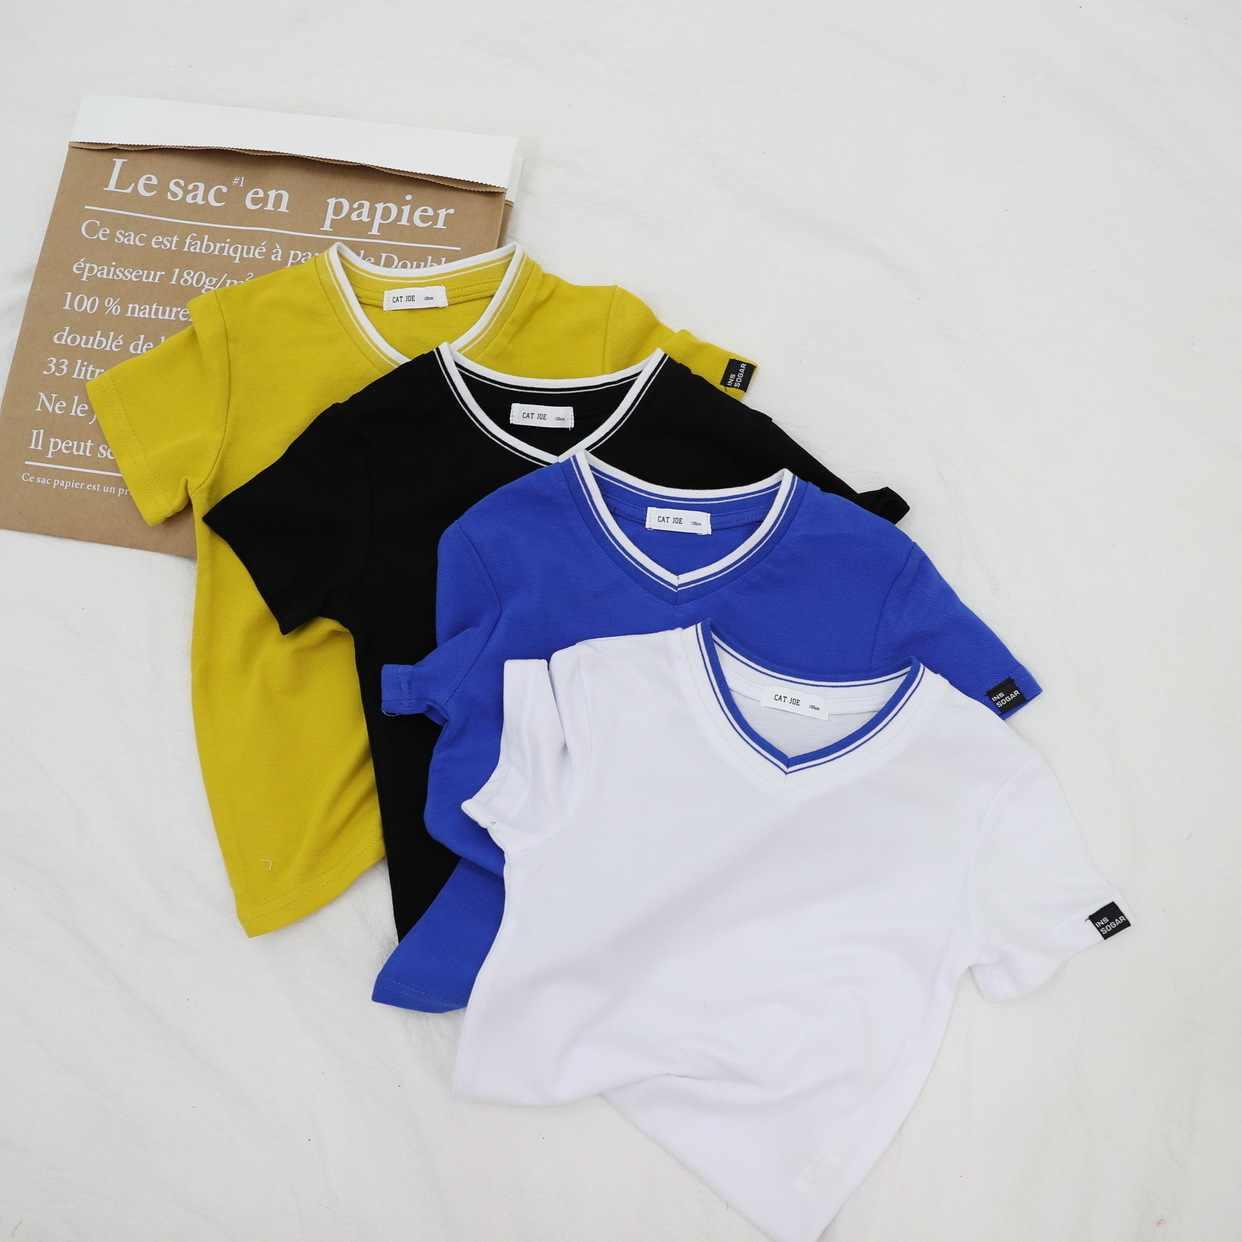 วันเกิด tee โรงเรียนชุดเด็กผู้หญิงชุดกีฬาหลักรองนักเรียนฤดูร้อนฤดูร้อนเด็กสวนเสื้อผ้า